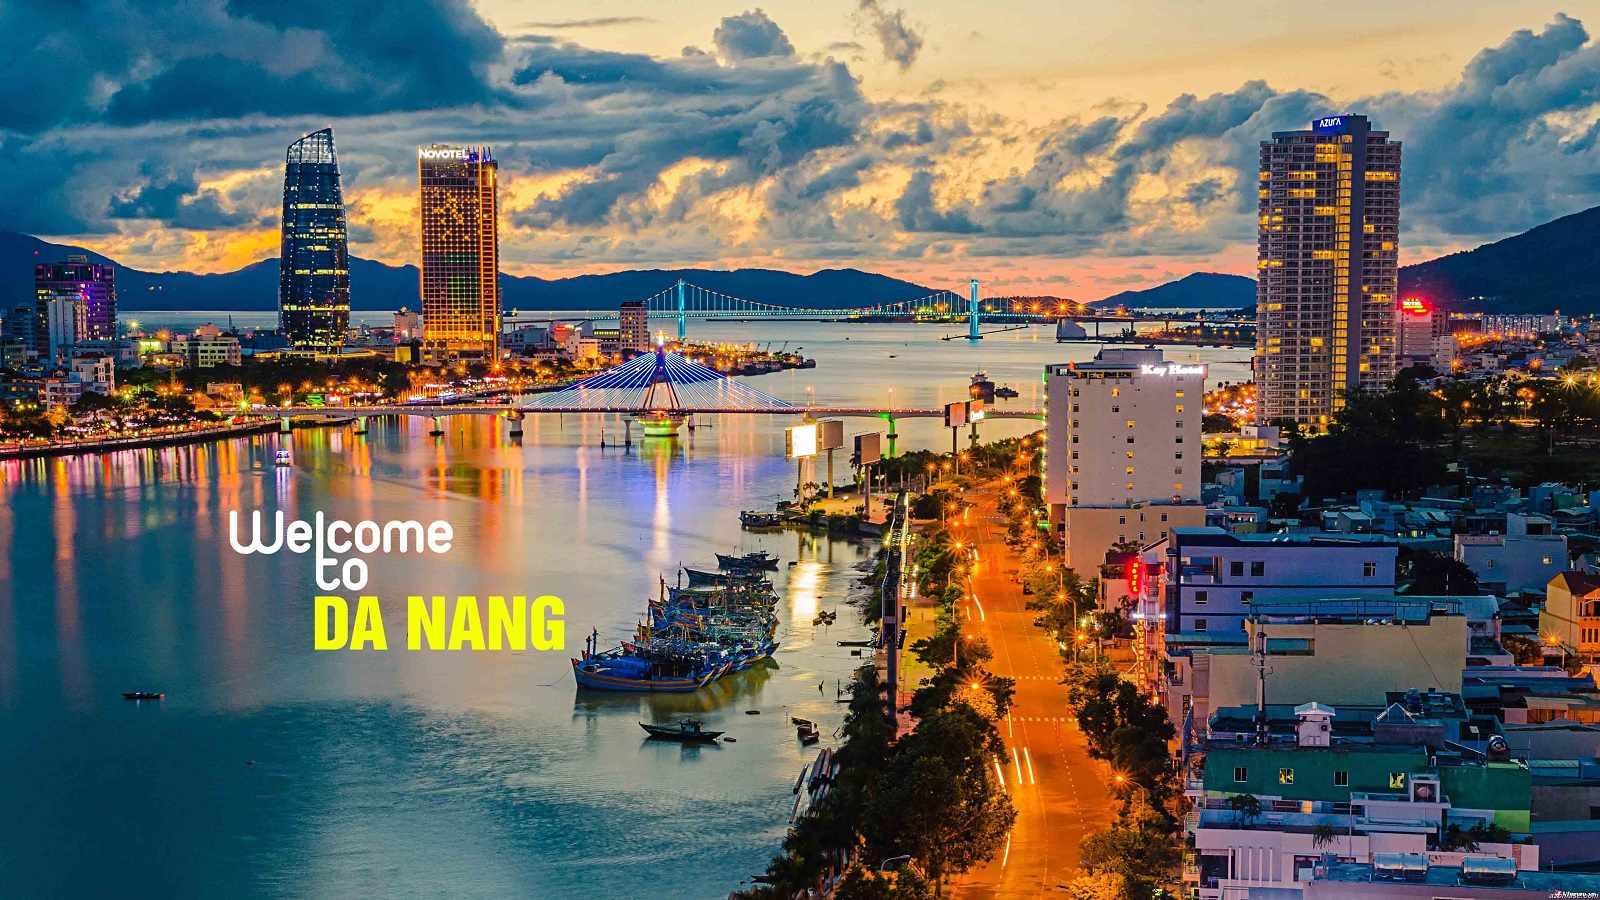 Tour du lịch Đà Nẵng - Cảnh Đà Nẵng ban đêm